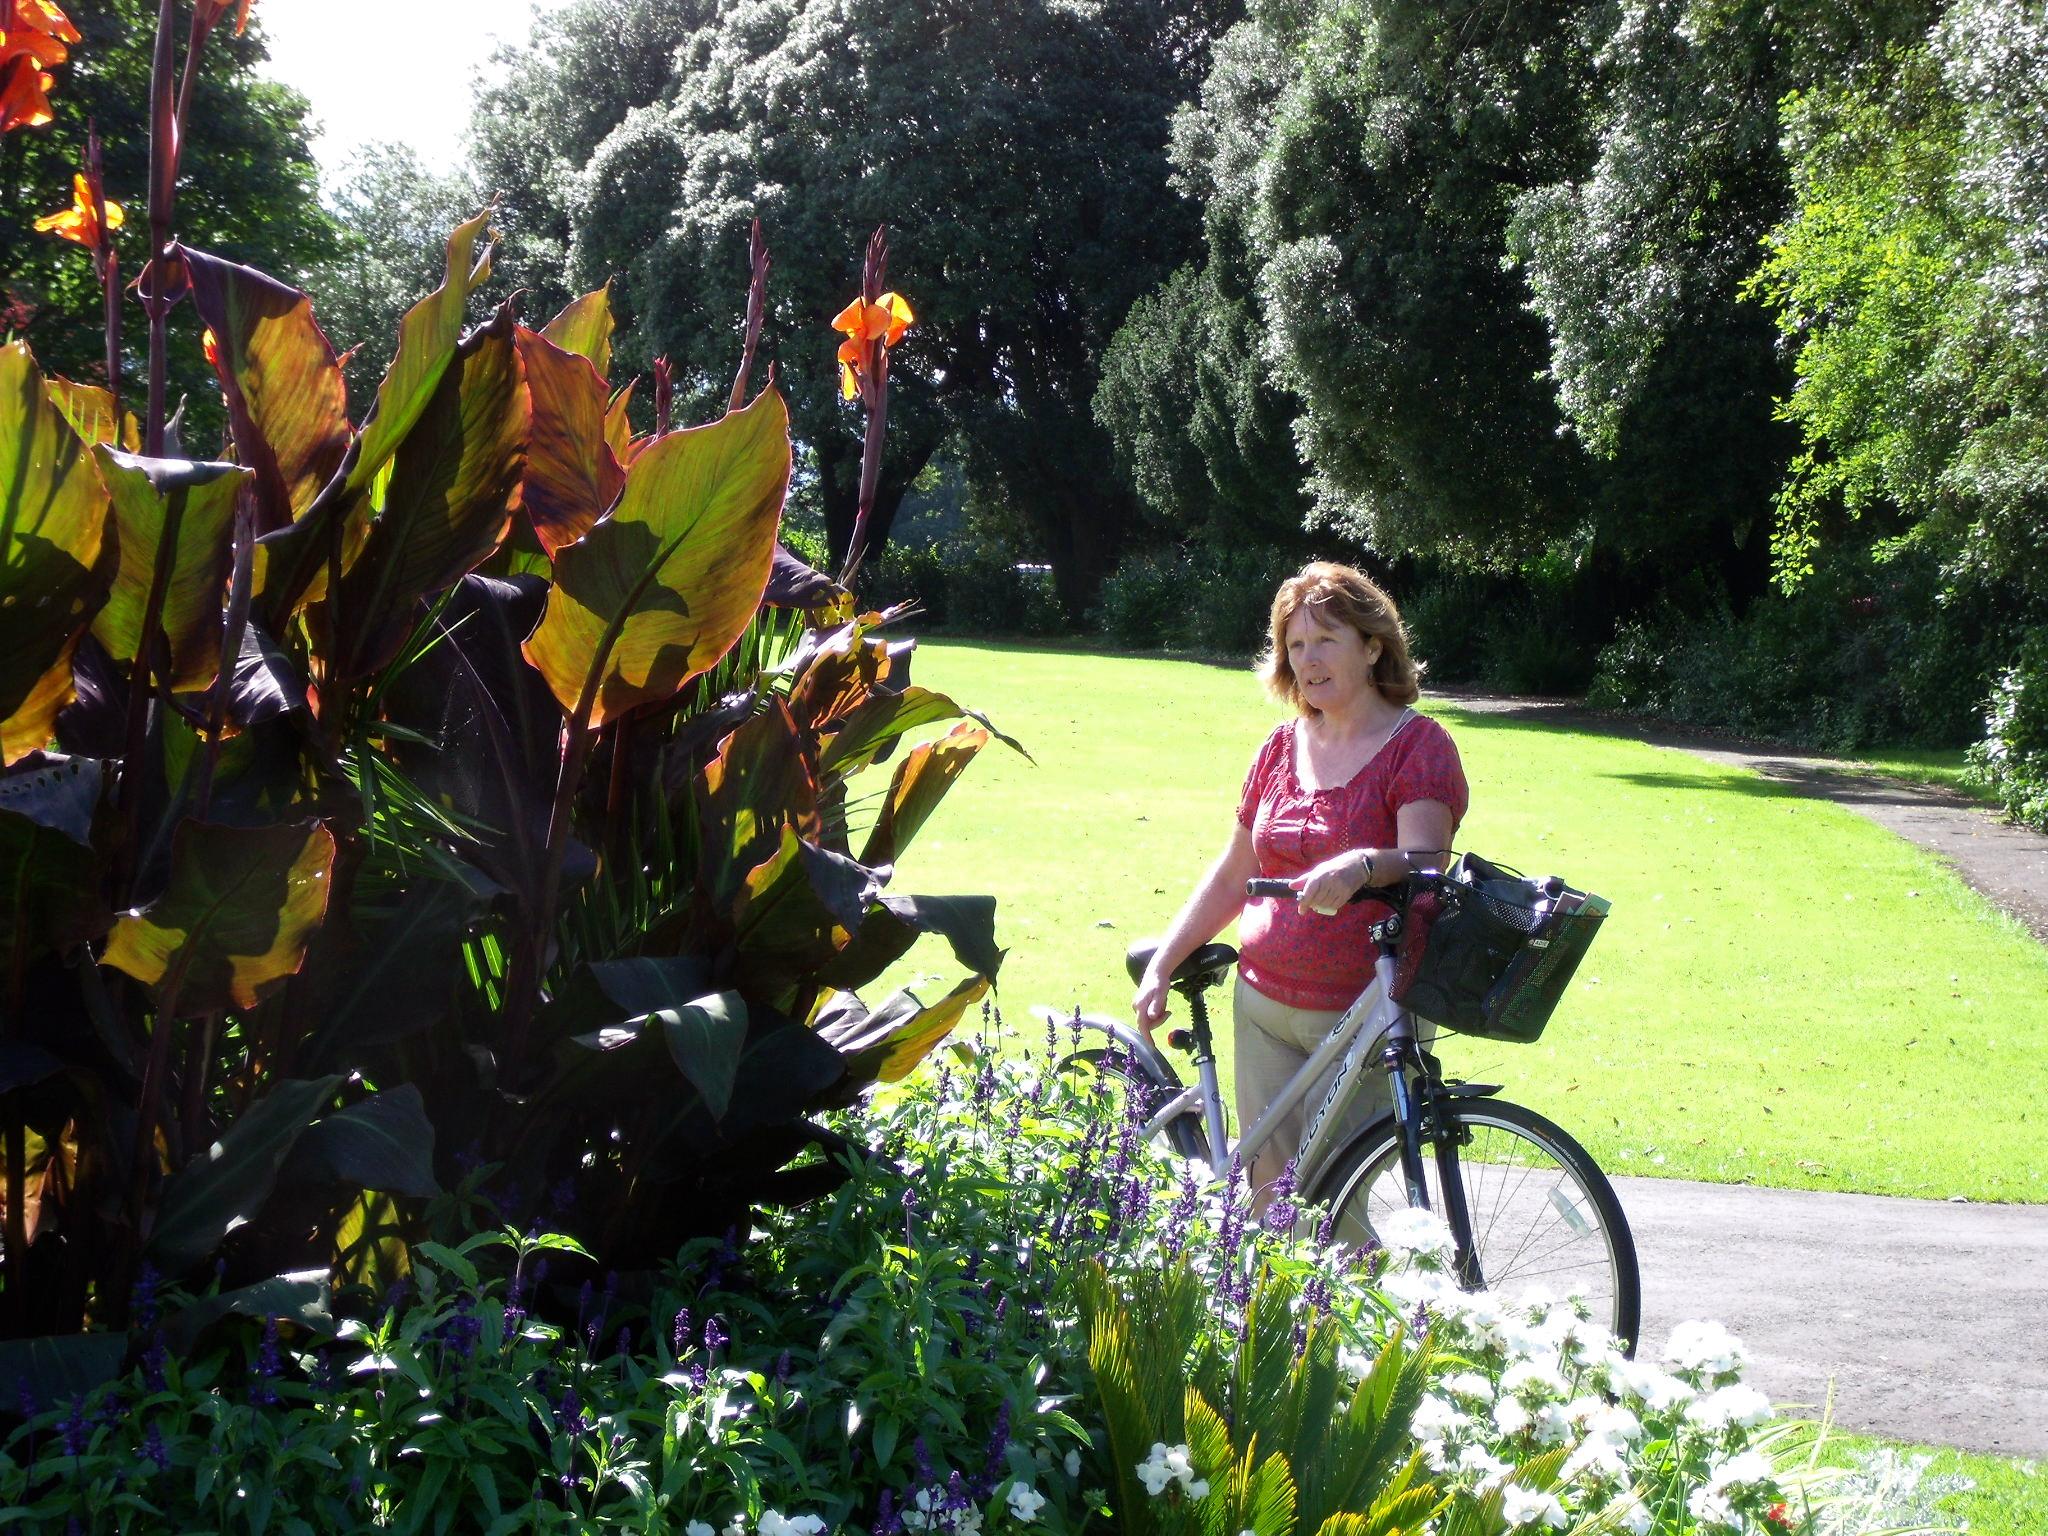 Mirar pasar la vida sobre una bici ayuda a vivirla más